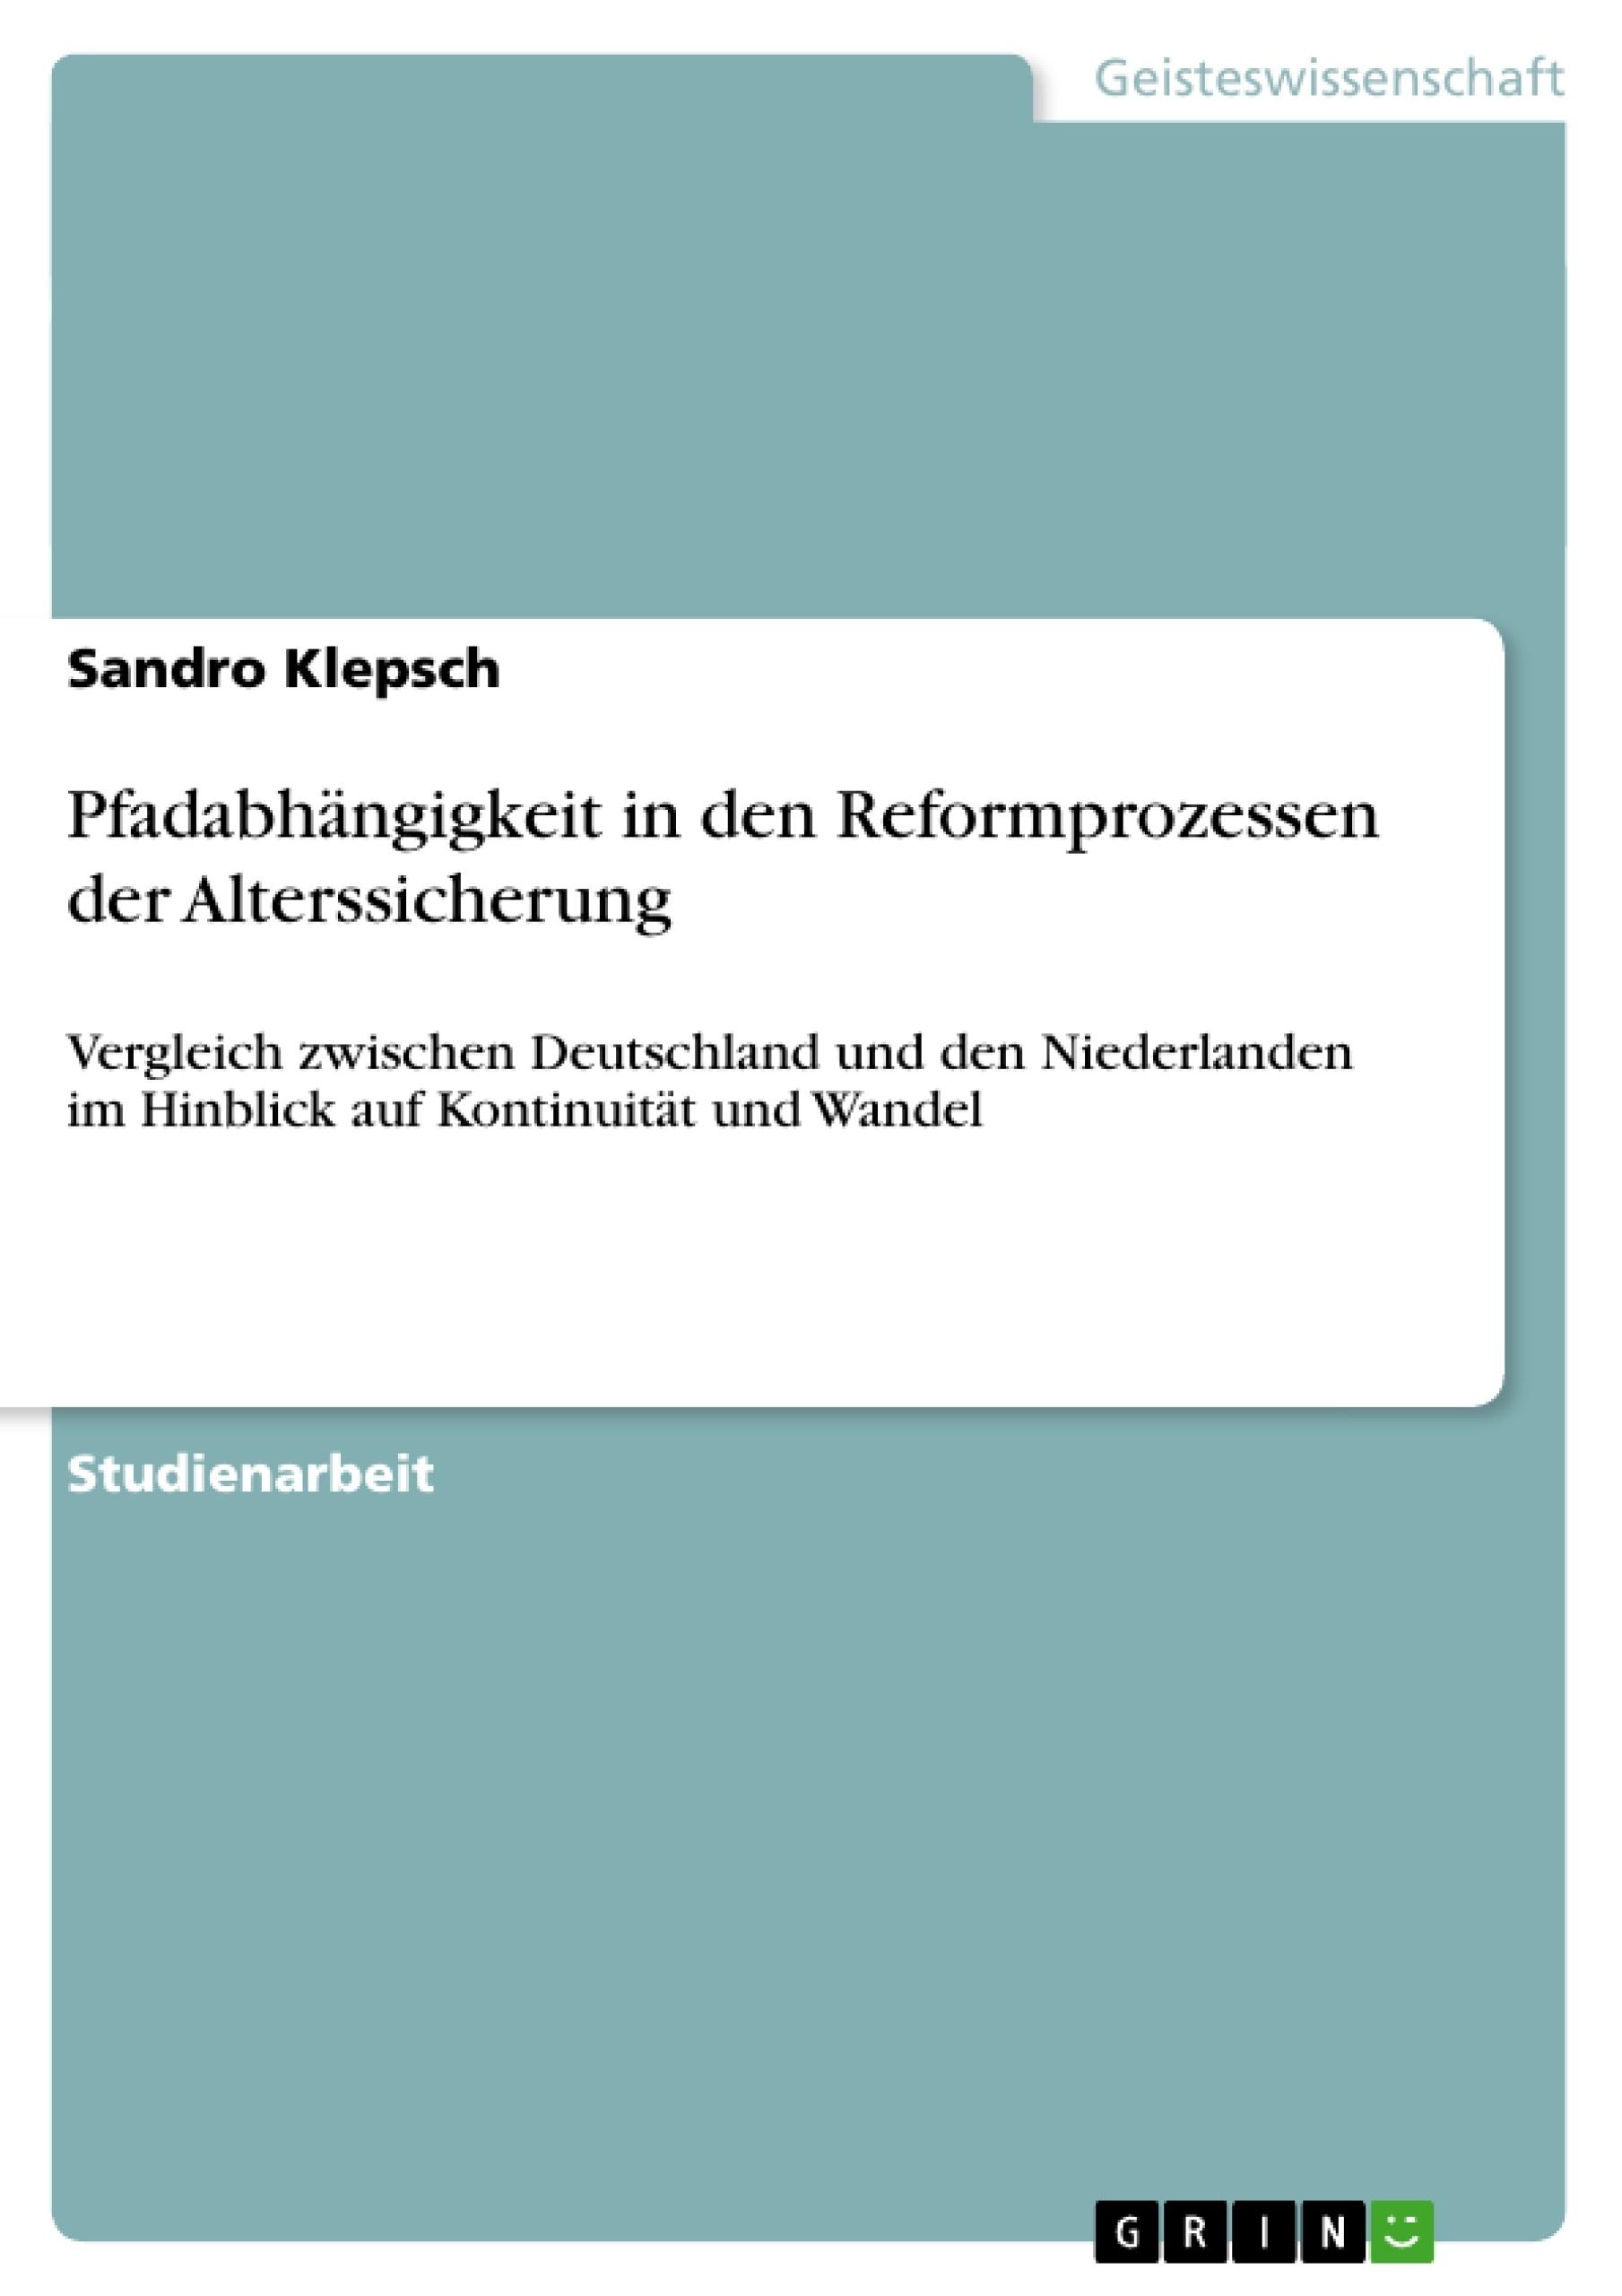 Titel: Pfadabhängigkeit in den Reformprozessen der Alterssicherung